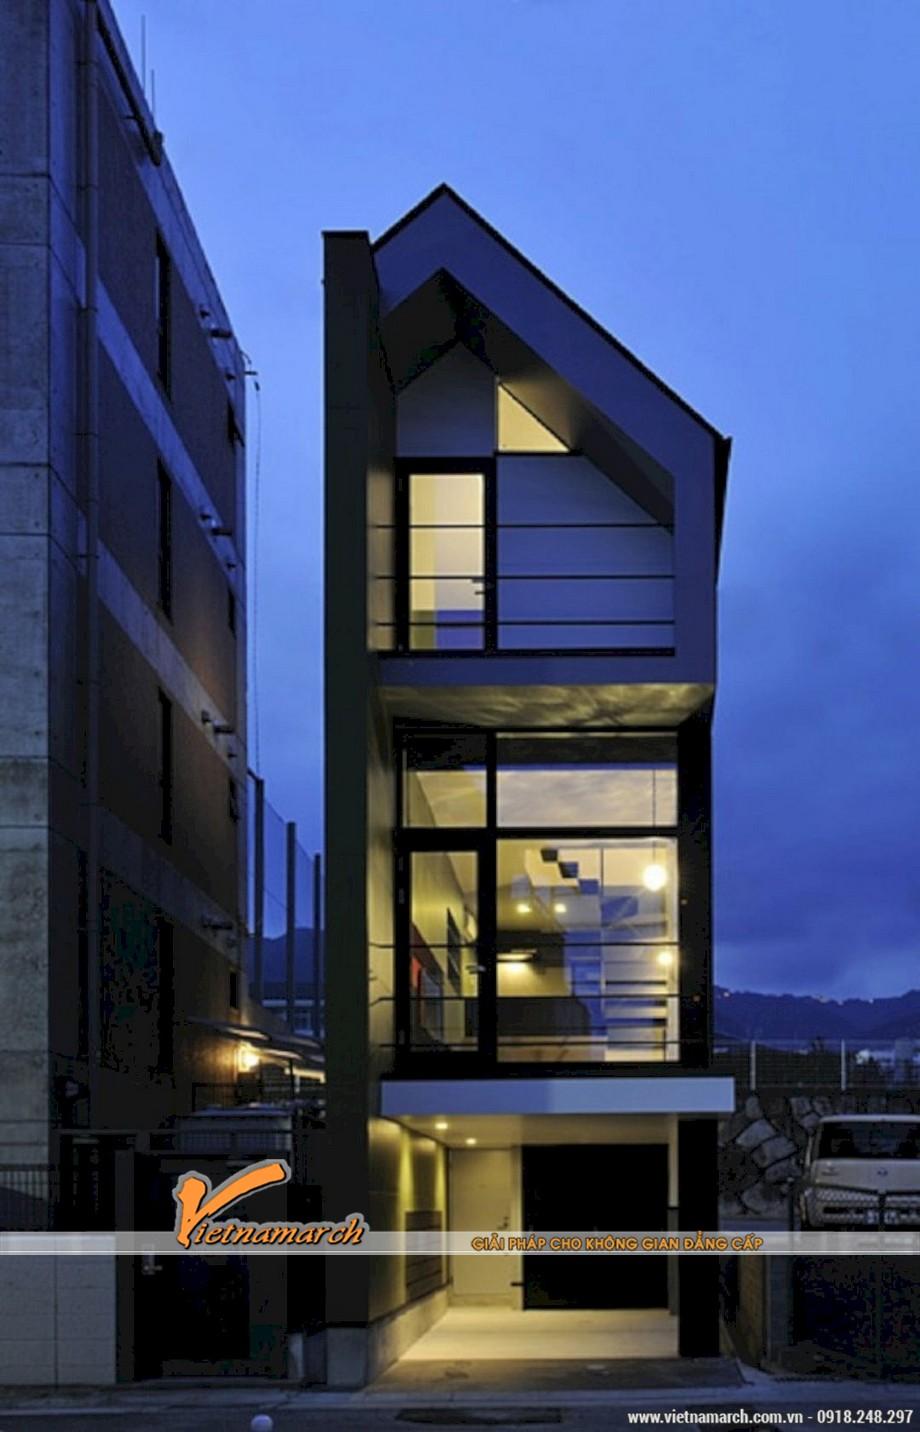 Mẫu 5: Thiết kế hình khối đơn giản mang phong cách mạnh mẽ